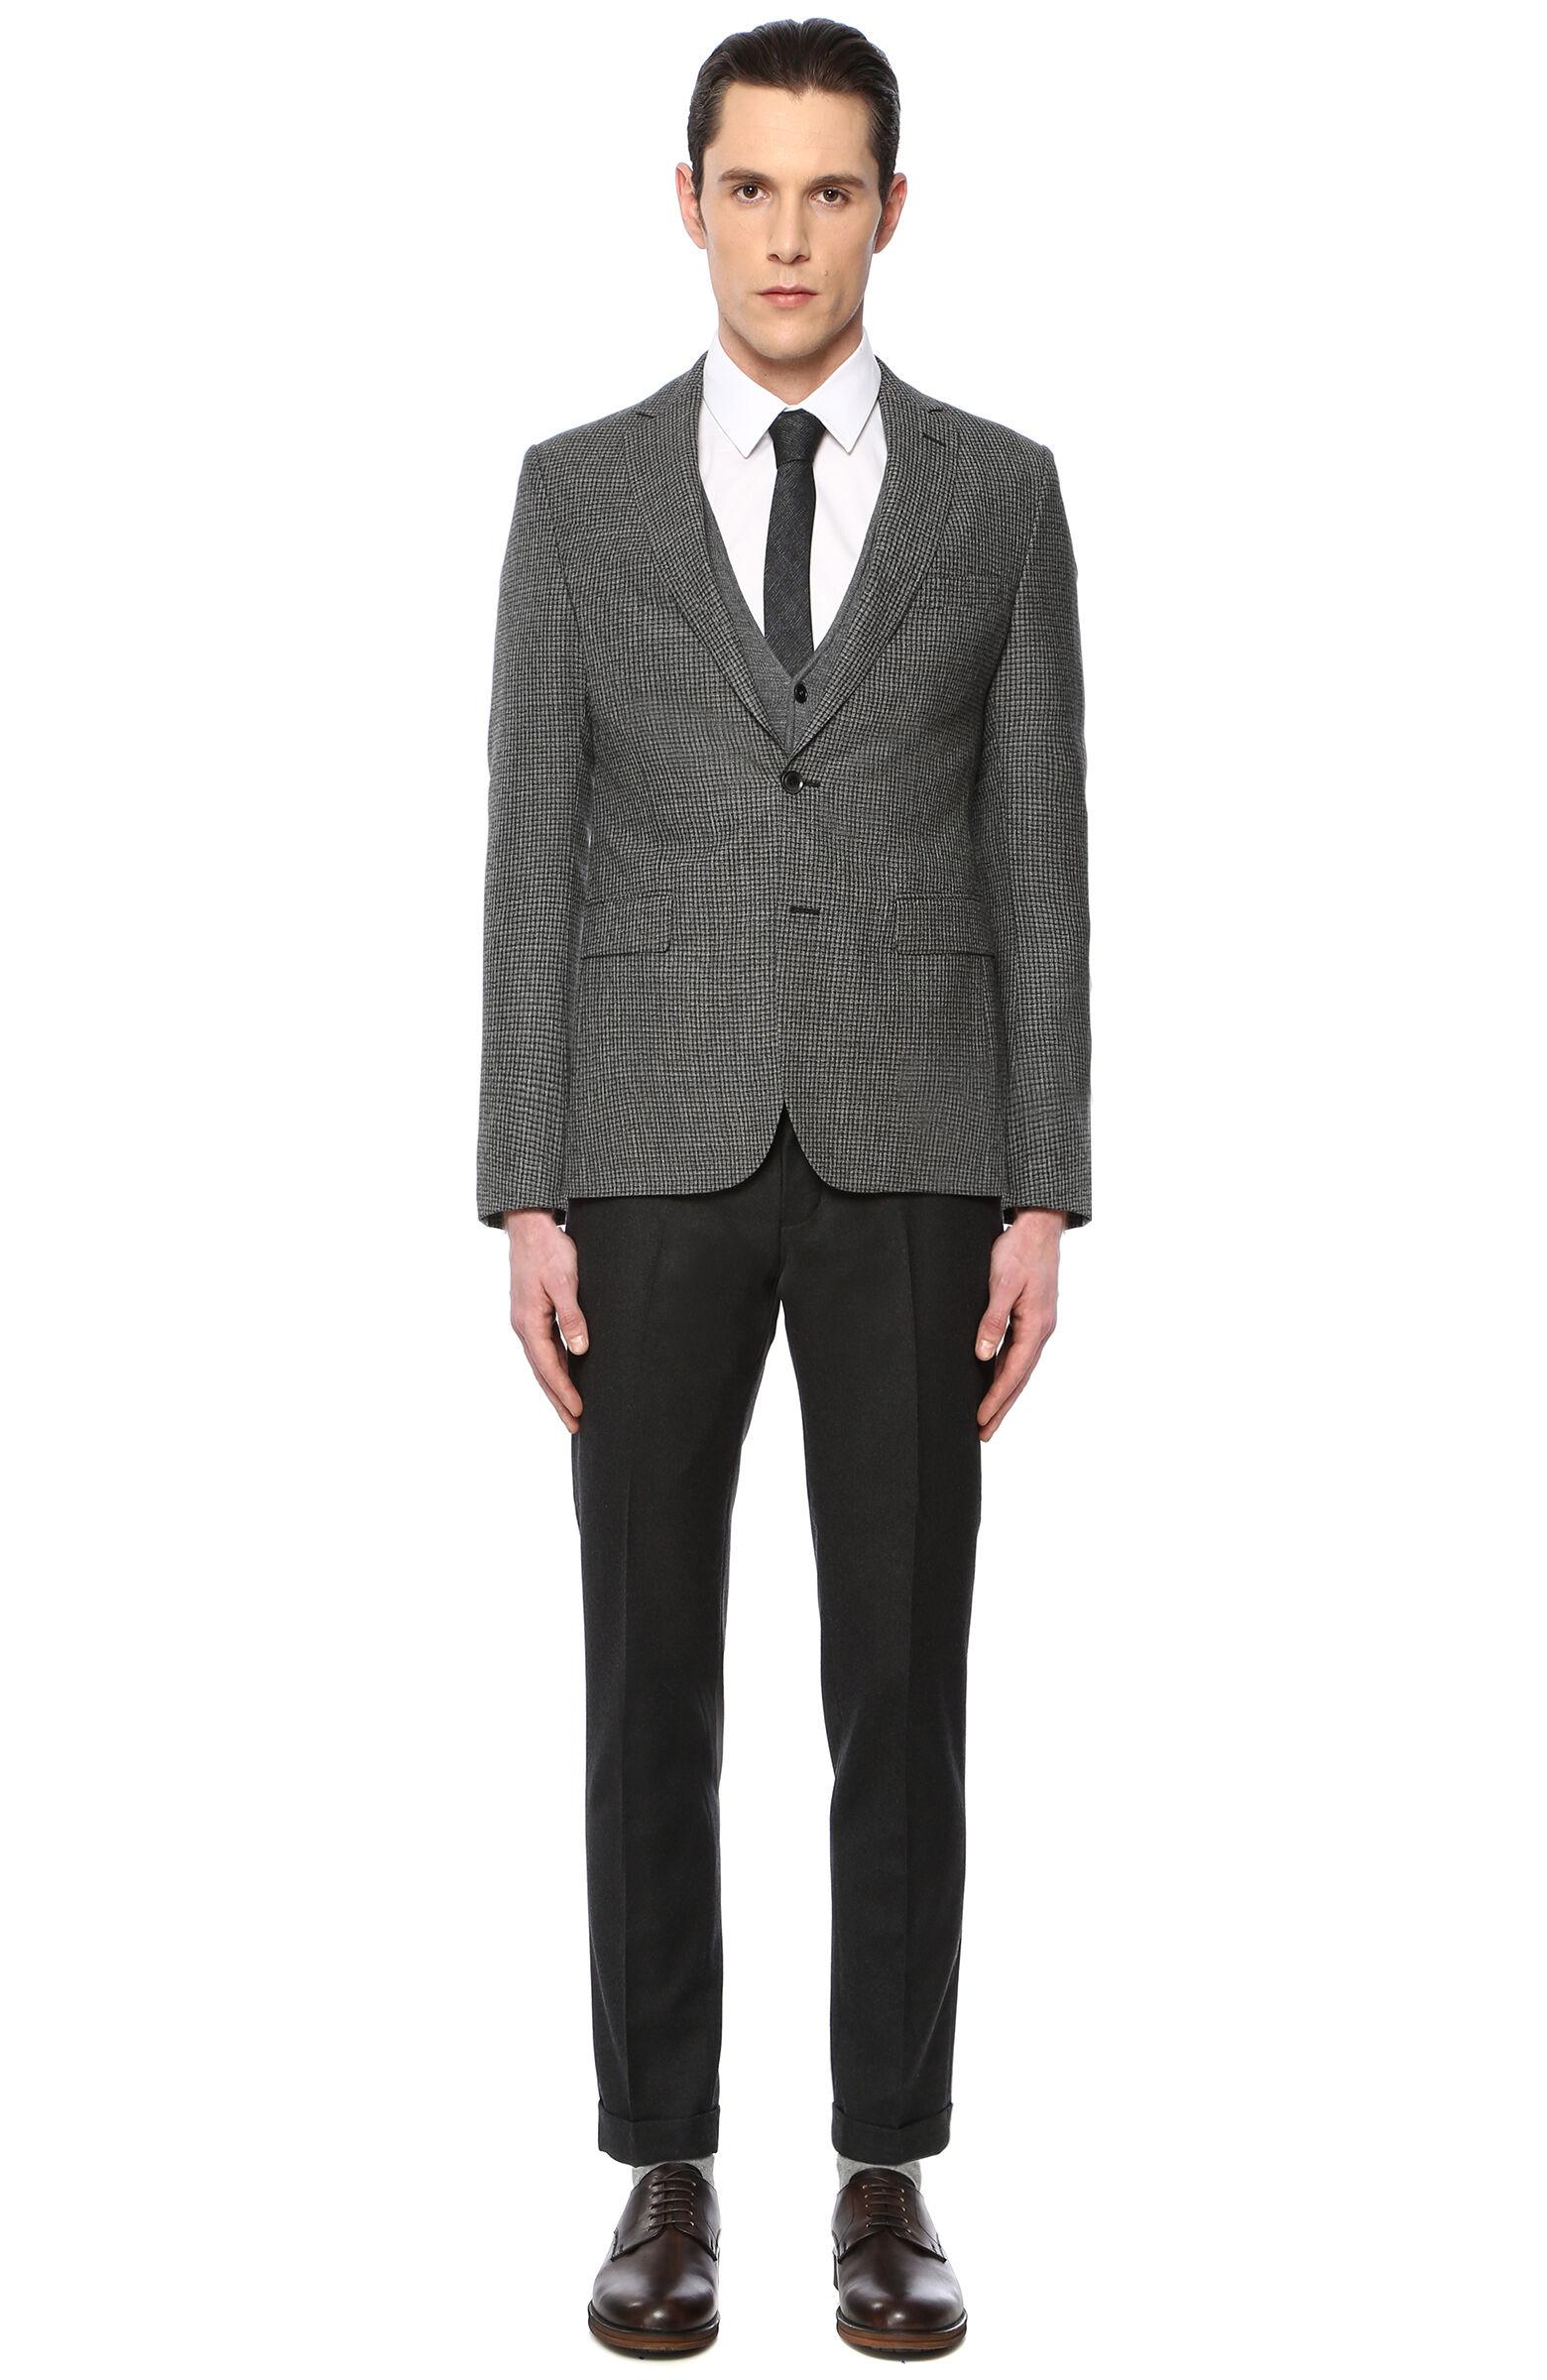 b78c893151ad3 Erkek Takım Elbise Modelleri ve Fiyatları